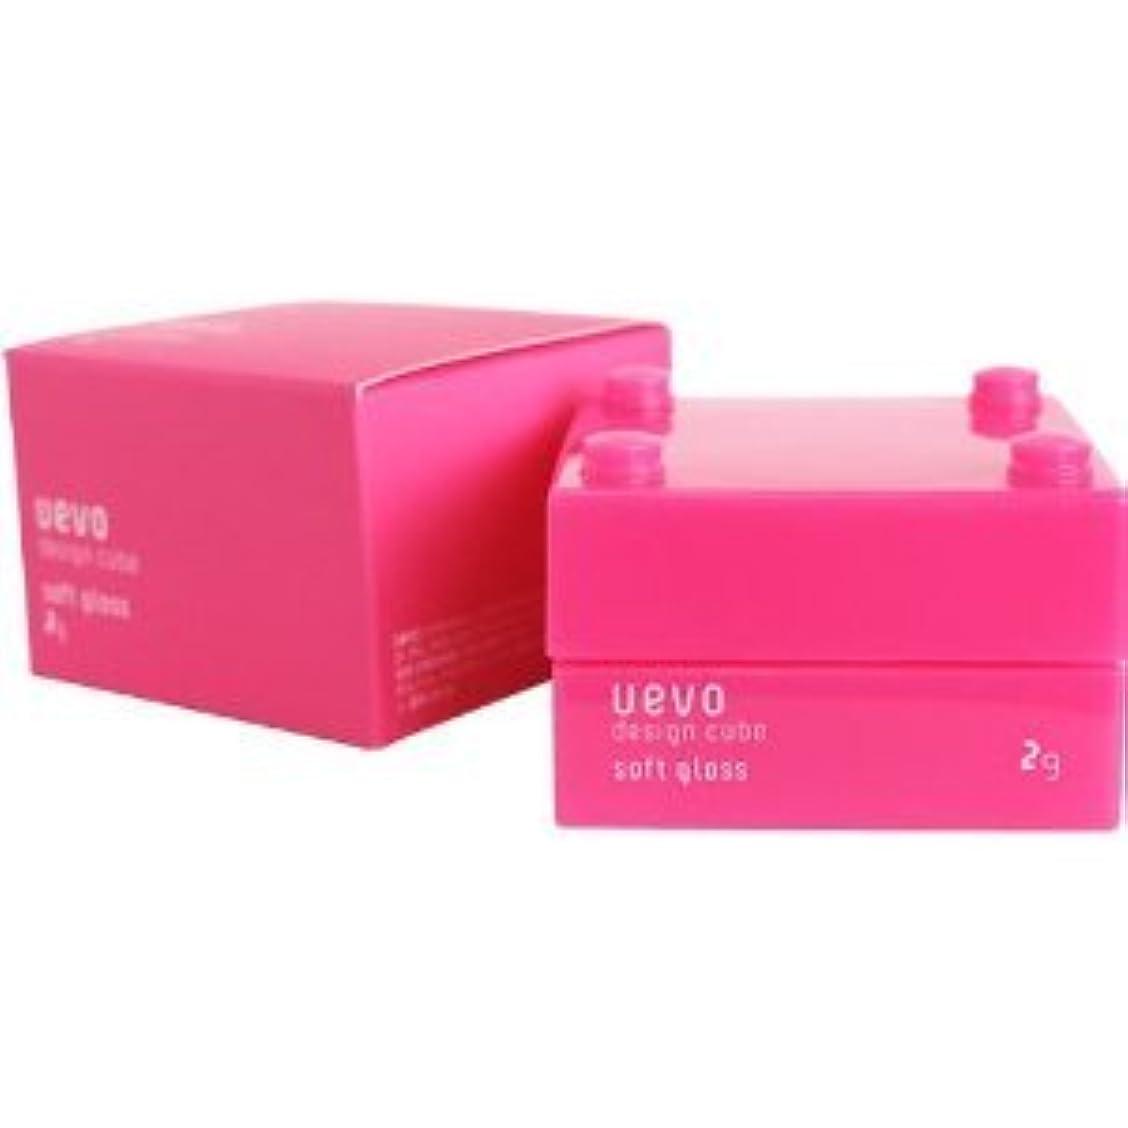 モトリー枕泥【X3個セット】 デミ ウェーボ デザインキューブ ソフトグロス 30g soft gloss DEMI uevo design cube